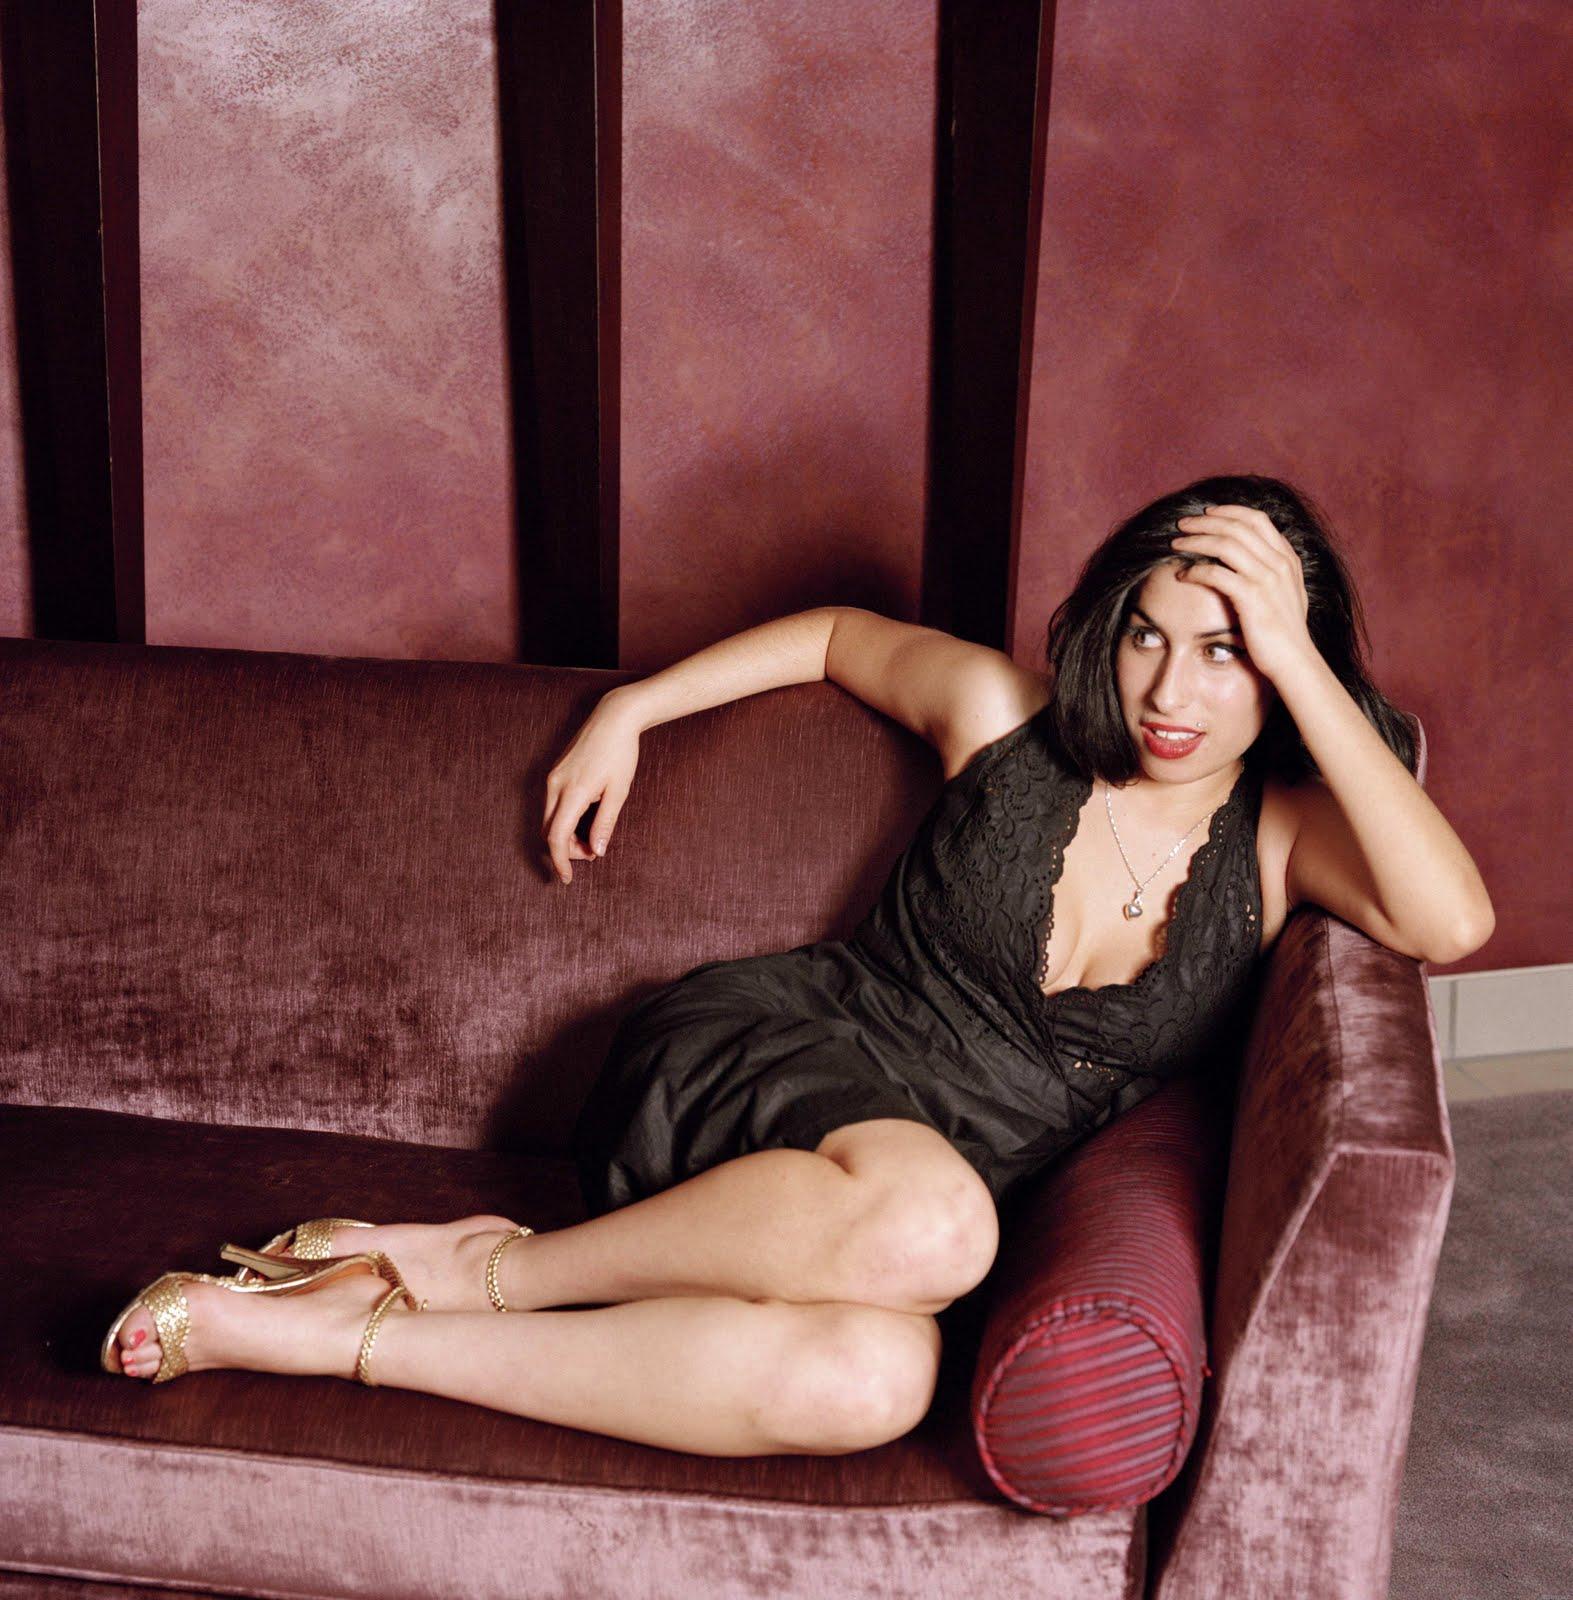 http://2.bp.blogspot.com/-fajPdBZcots/Ti48HfHuTYI/AAAAAAAAMtY/lTWkek6CP9c/s1600/Amy_Winehouse_3.jpg